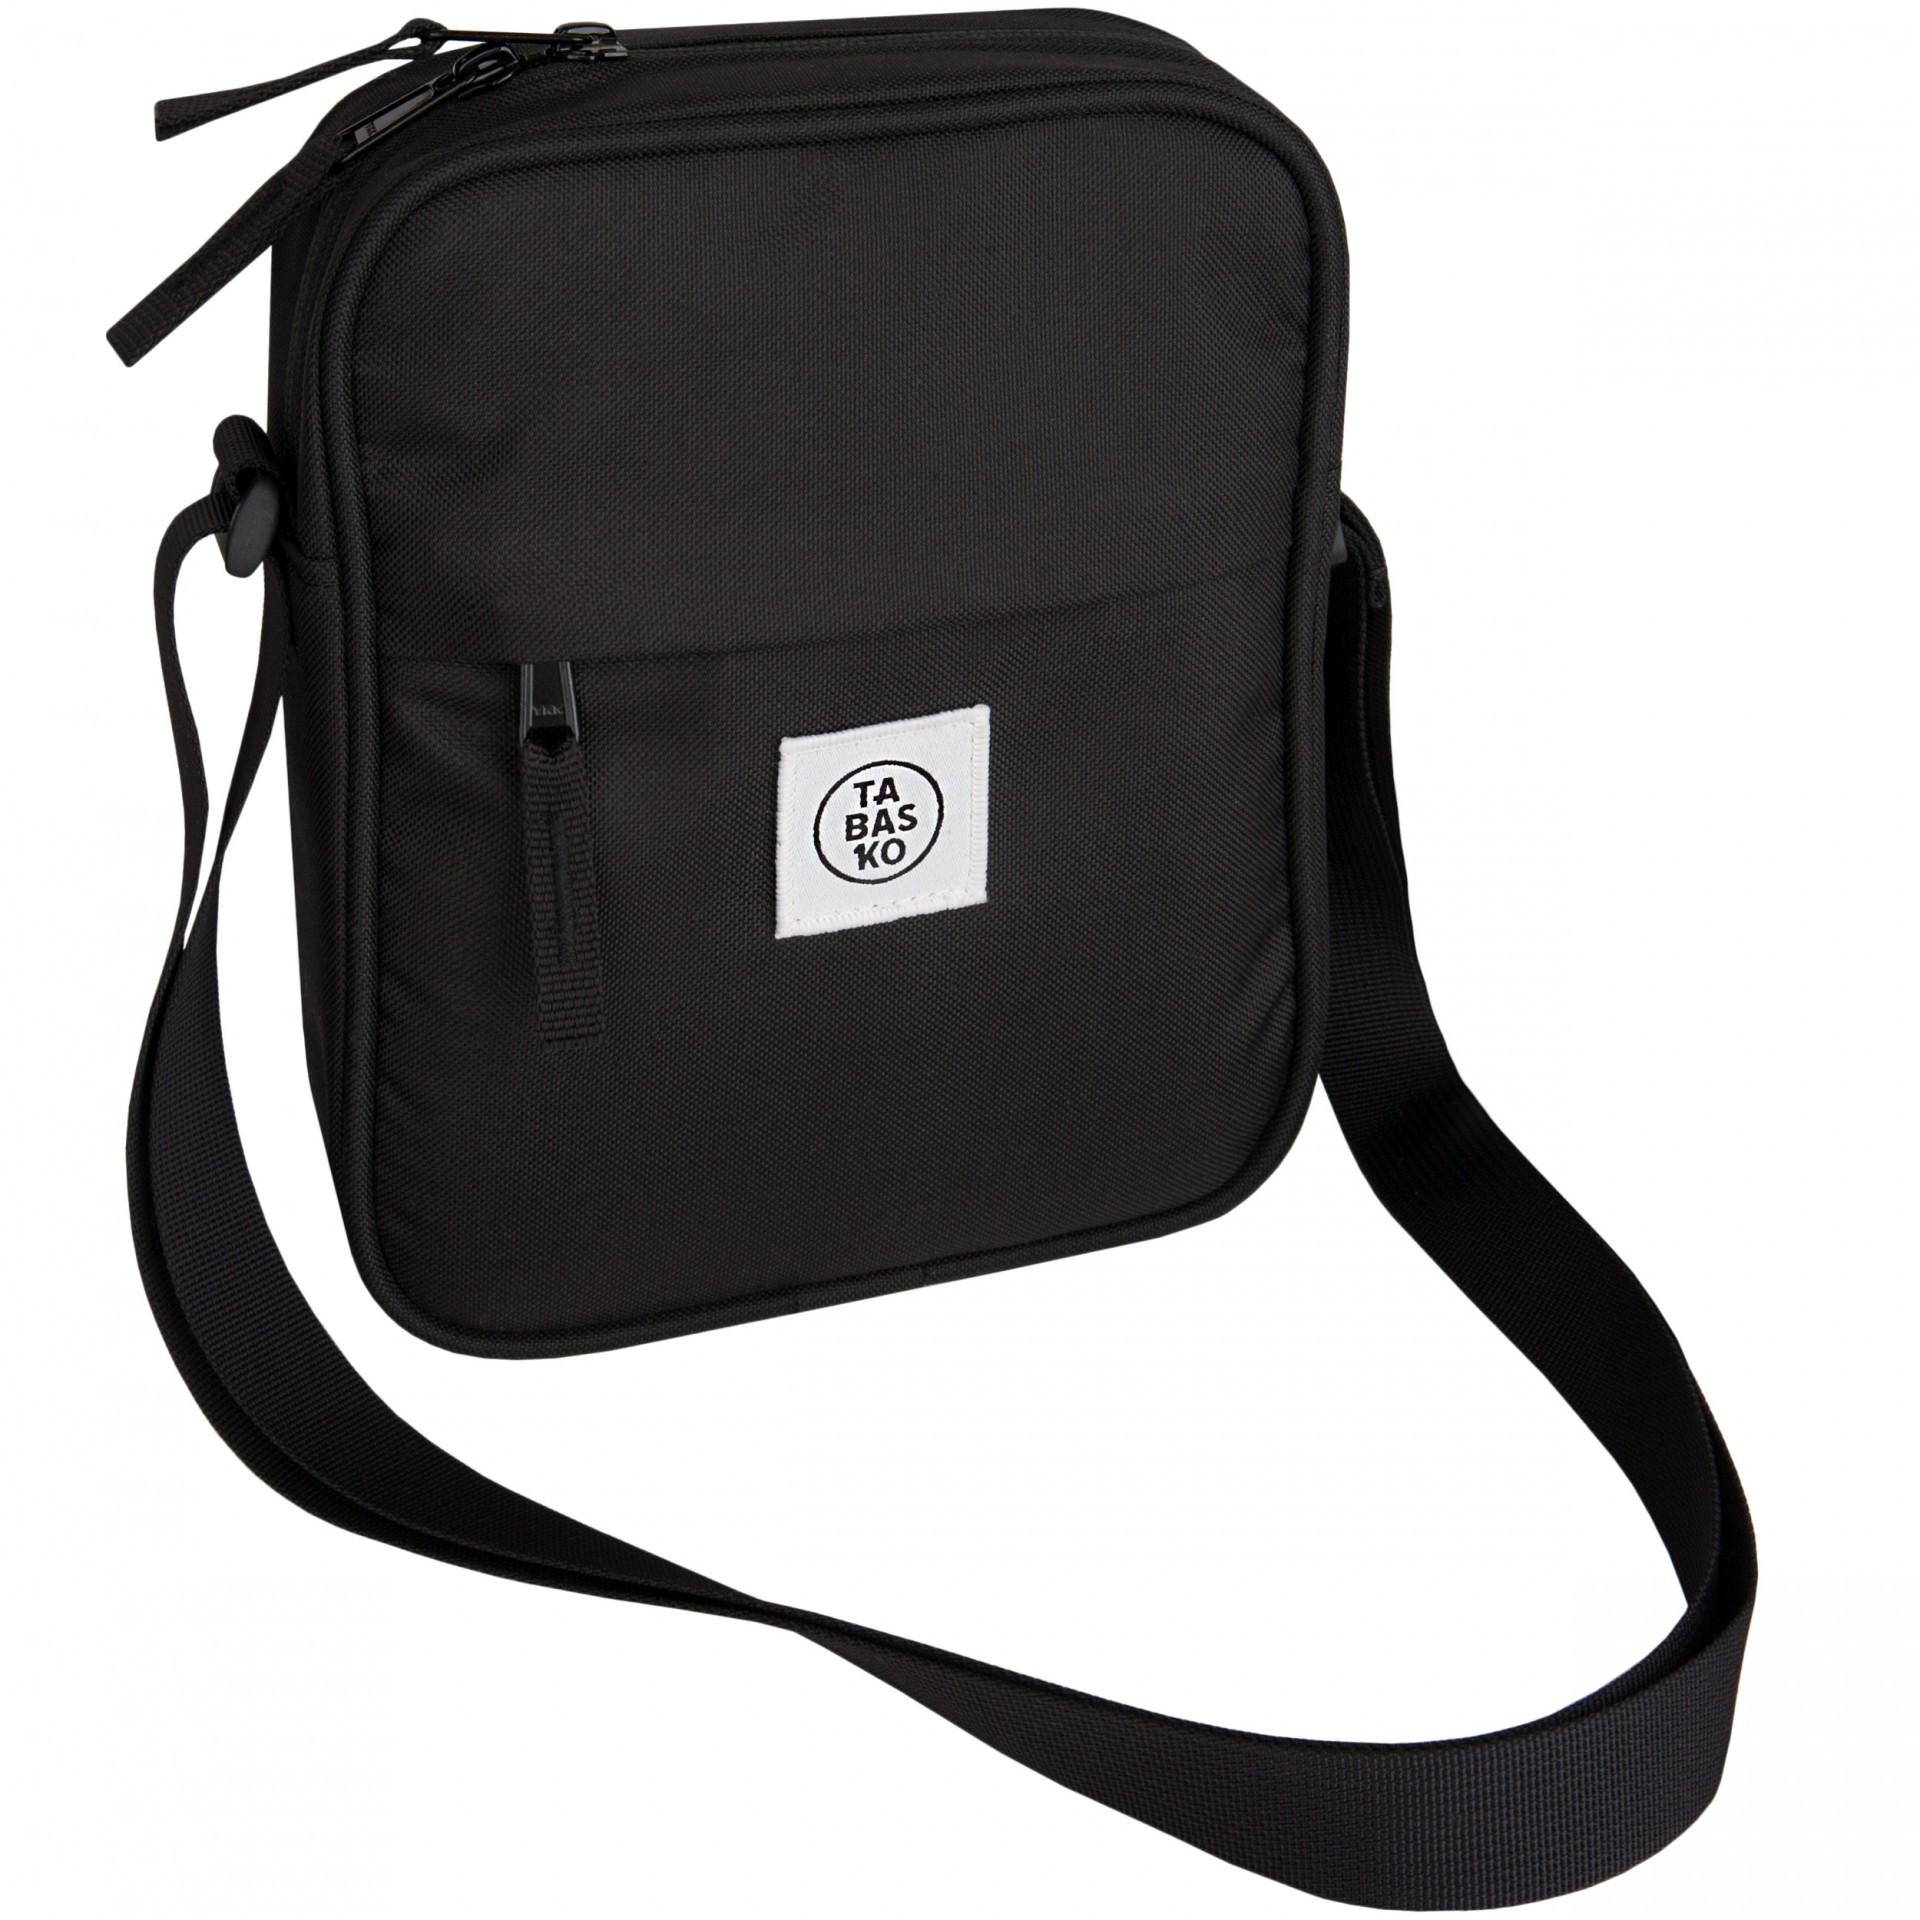 streetbag-tabasko-black